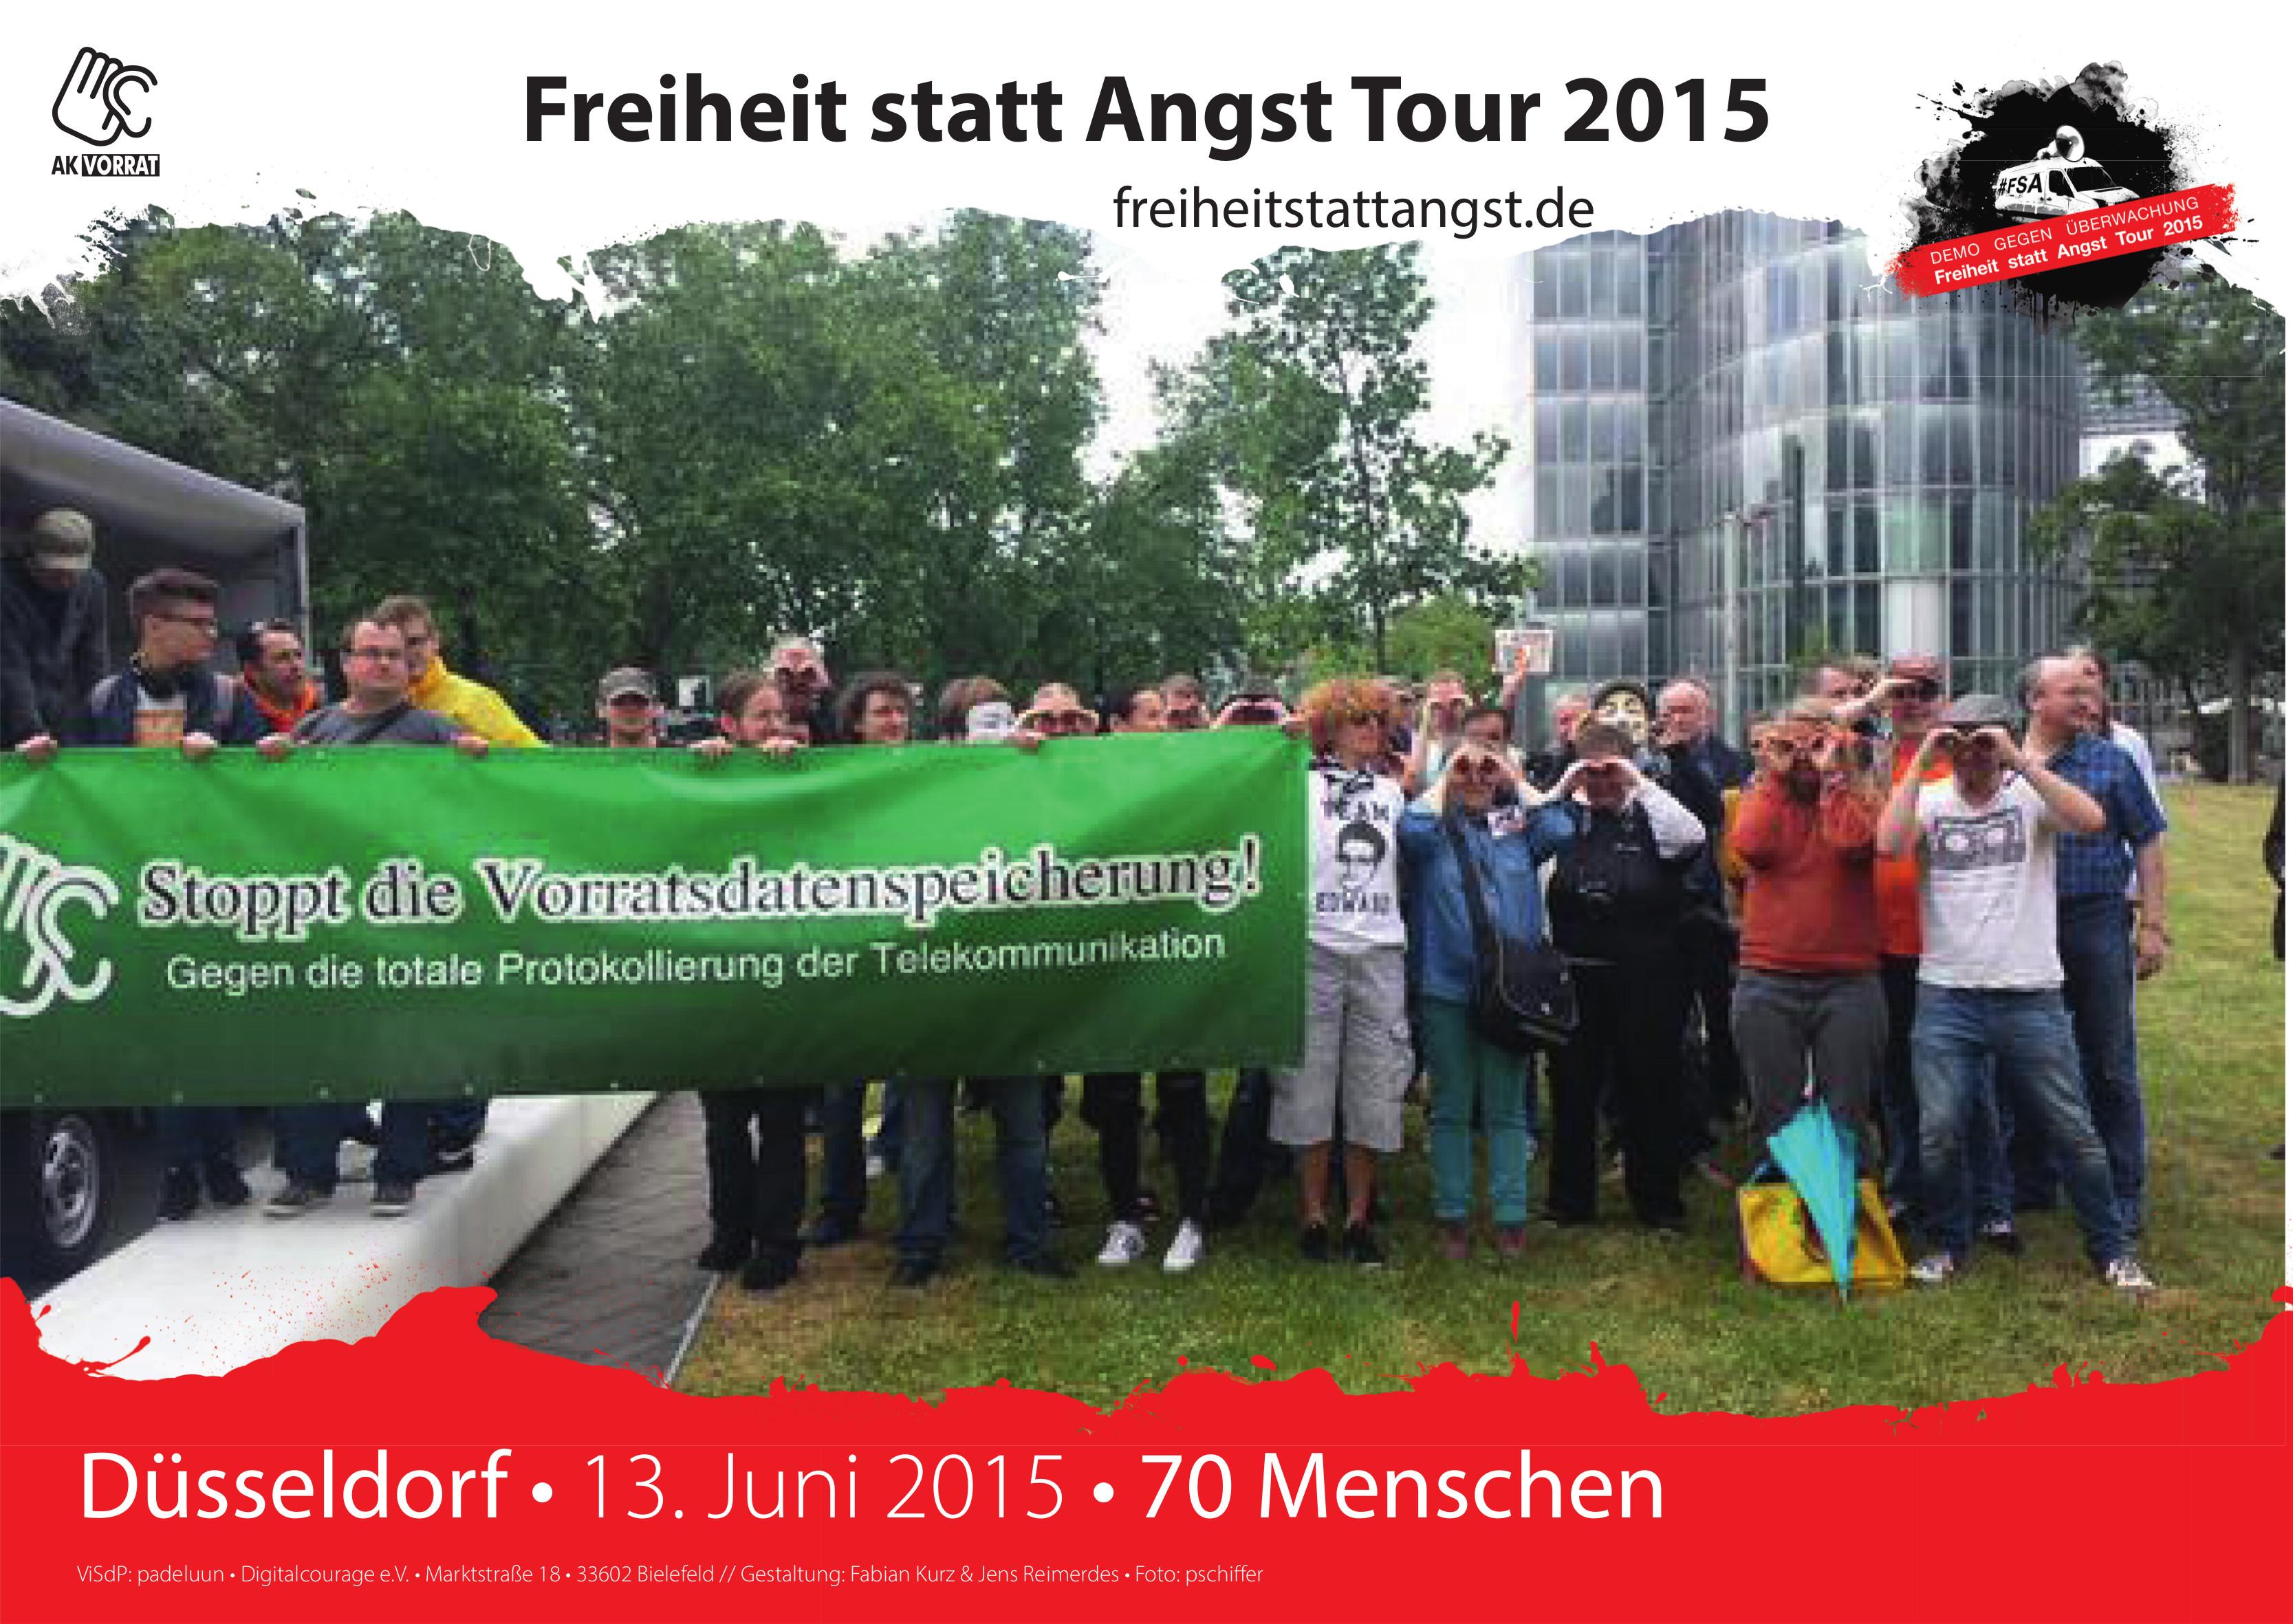 Der 13. Juni 2015 in Düsseldorf